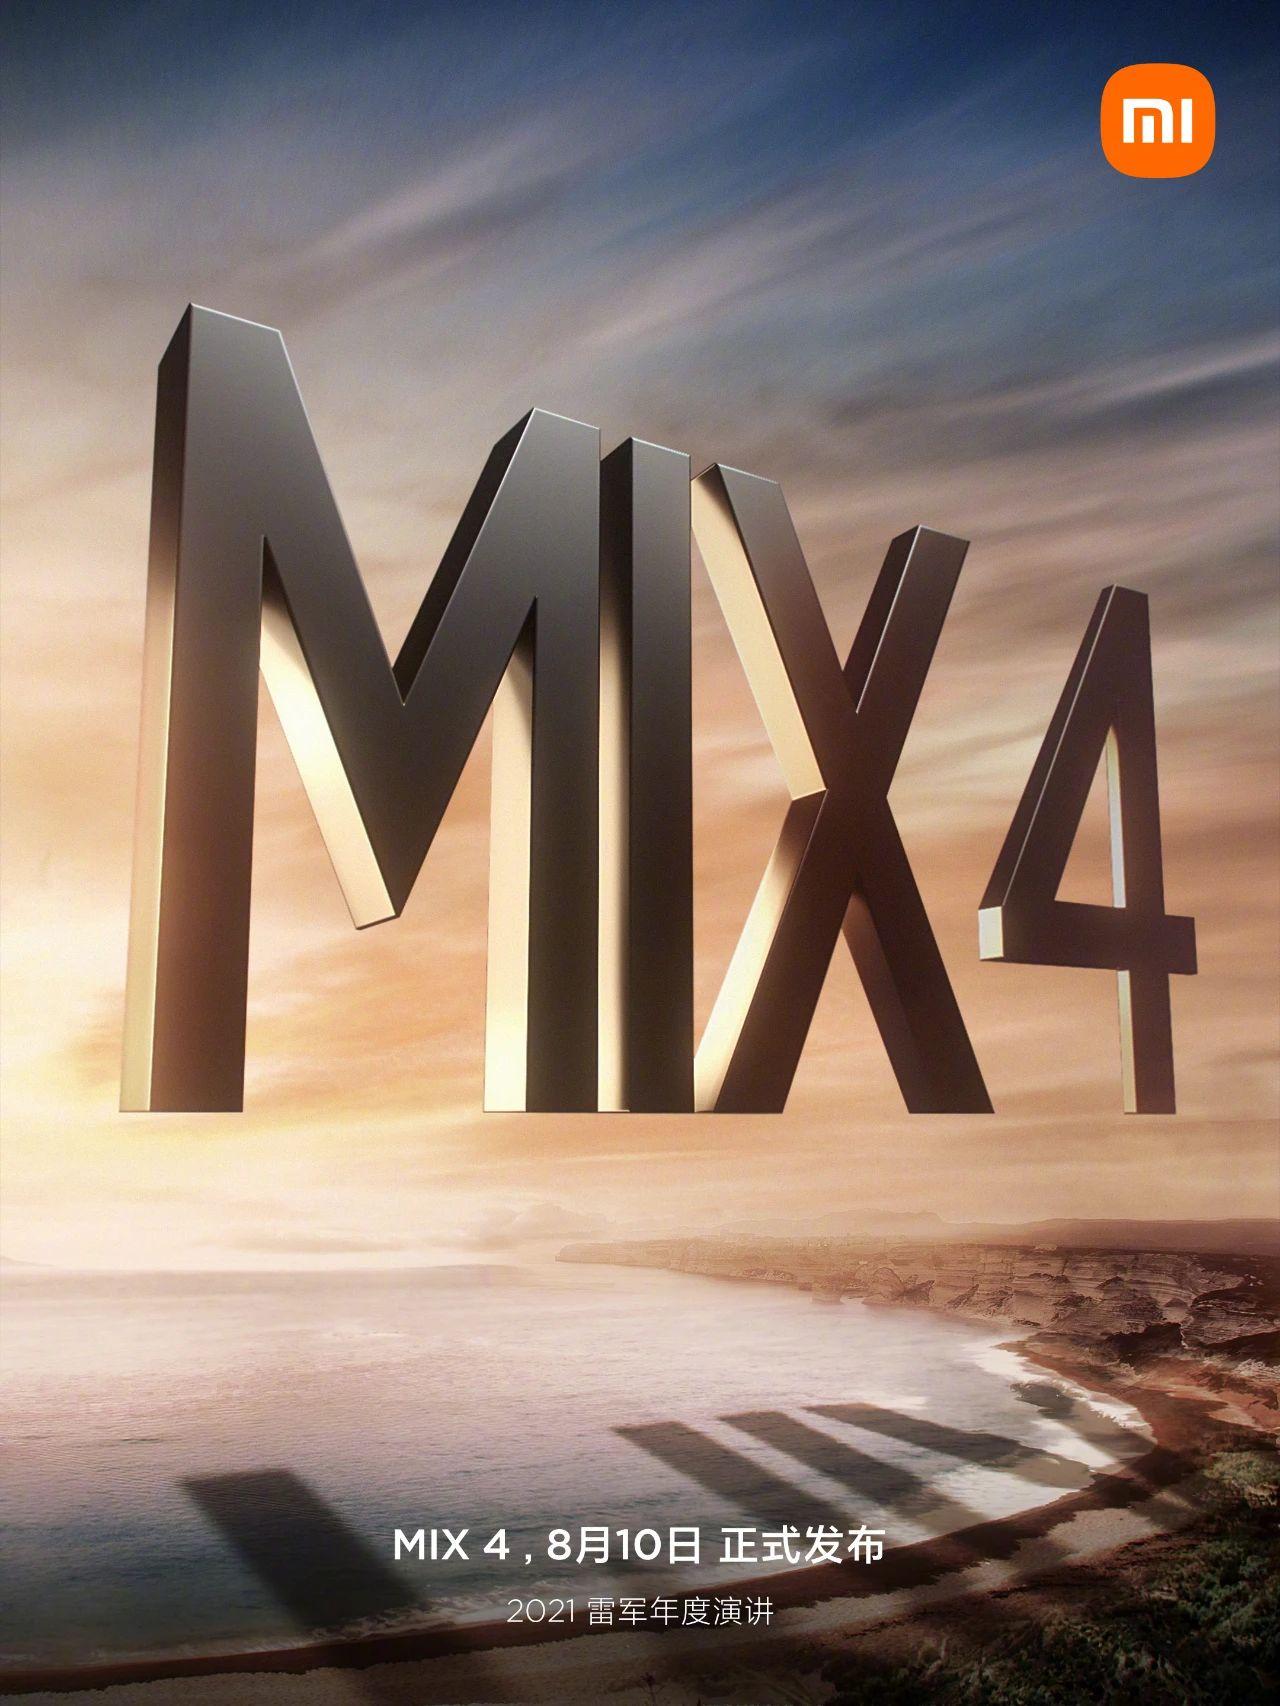 「科技V报」小米MIX4将于8月10日发布;曝ColorOS 12新增跨屏互联功能-20210804